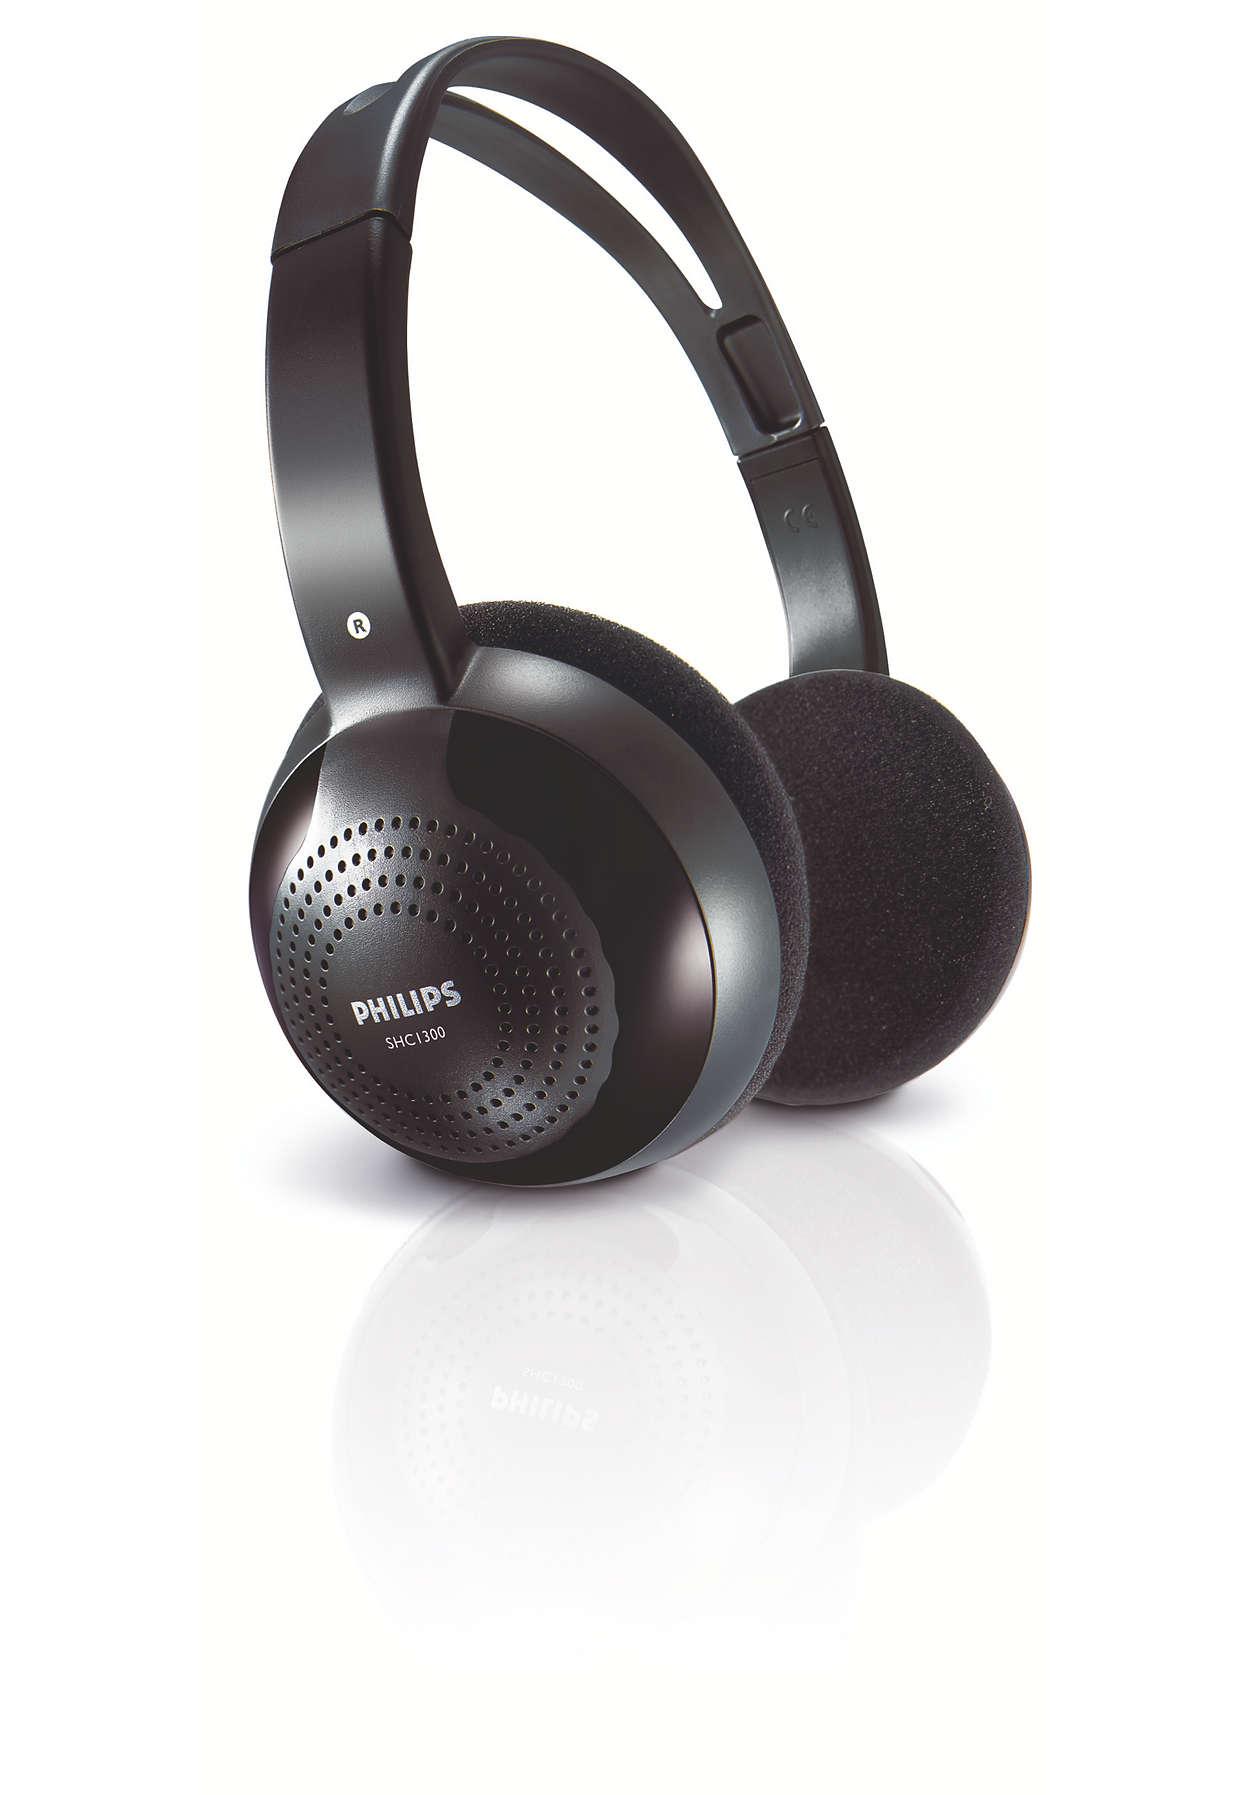 Wygodne słuchanie bezprzewodowe dzięki sygnałowi podczerwieni